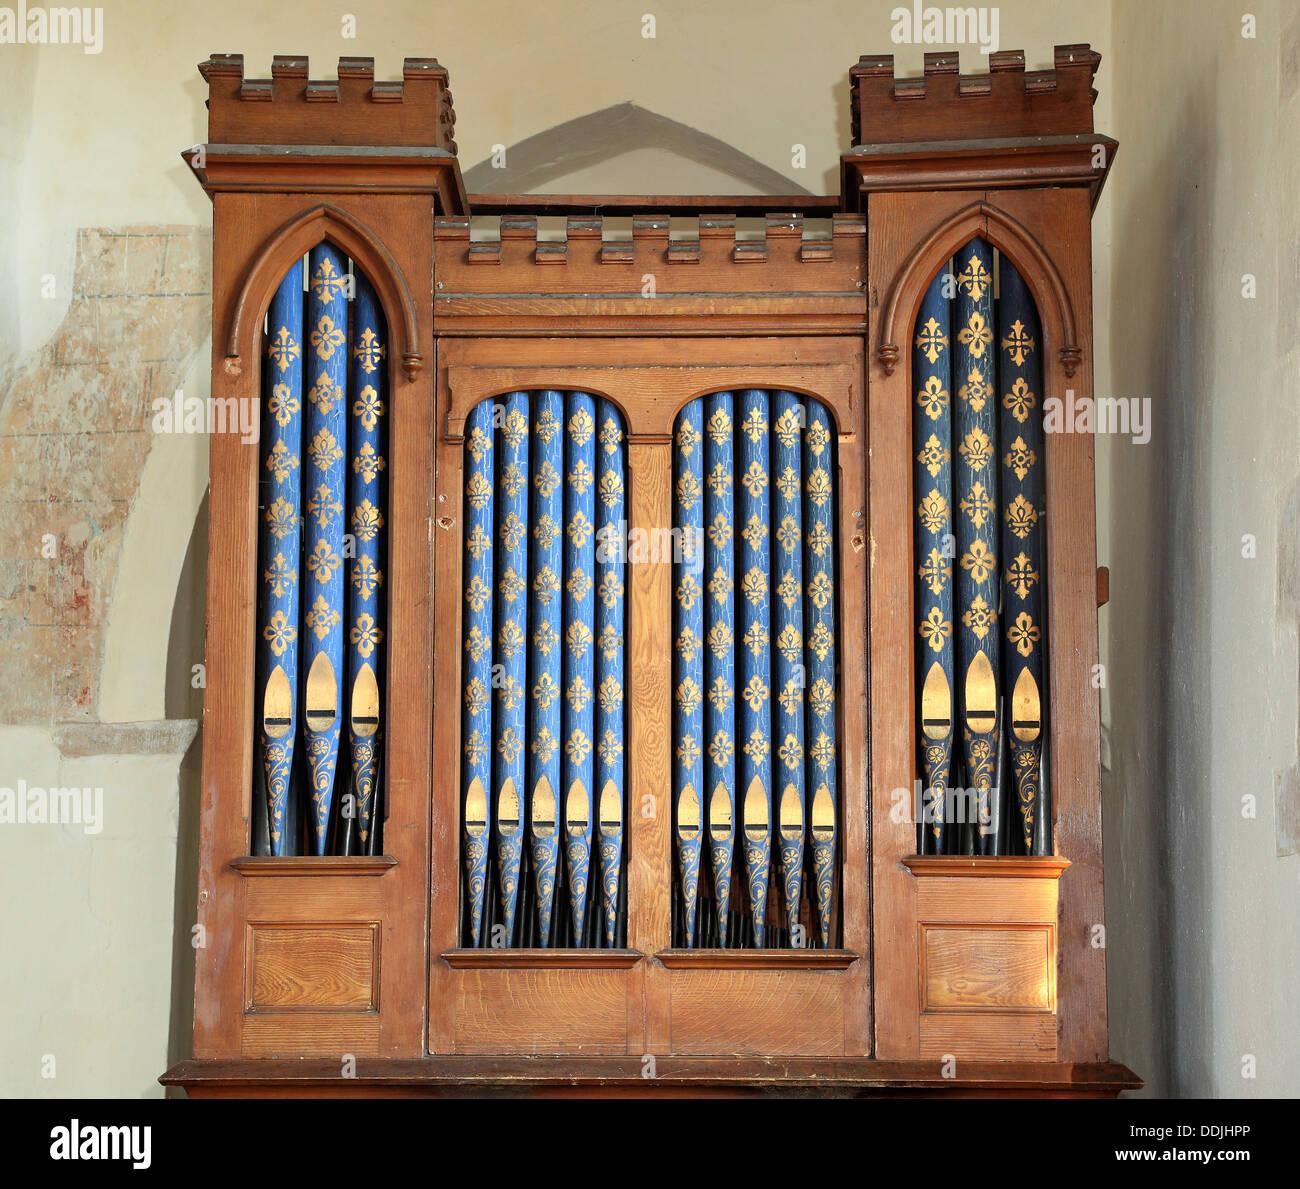 Órgano de la cámara de fecha 1823, Burnham Overy iglesia, Norfolk, Inglaterra música órganos Imagen De Stock